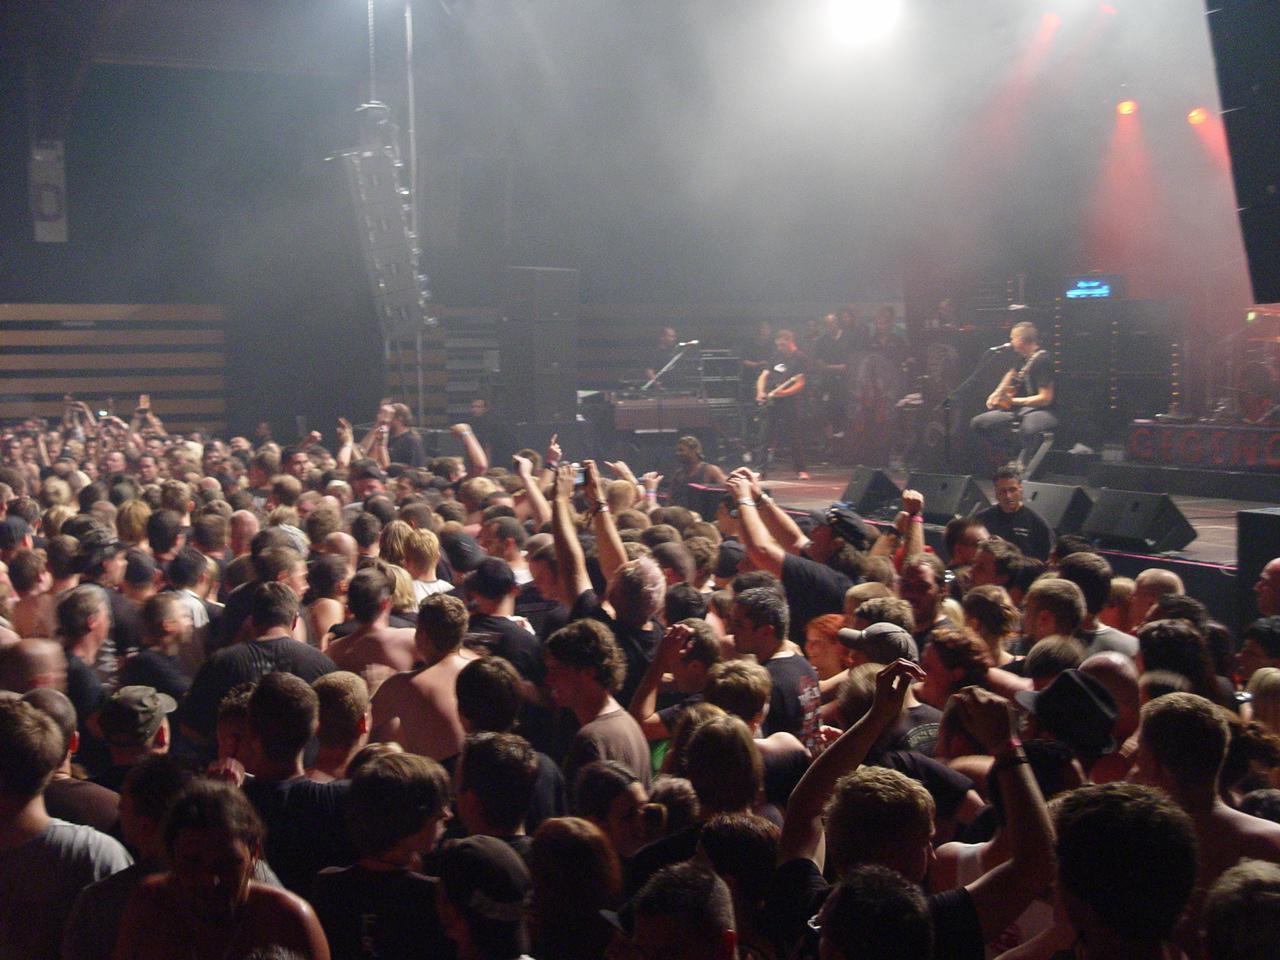 freiwild_-_ehrlich_und_laut_festival_2011_5_20110906_1659196824